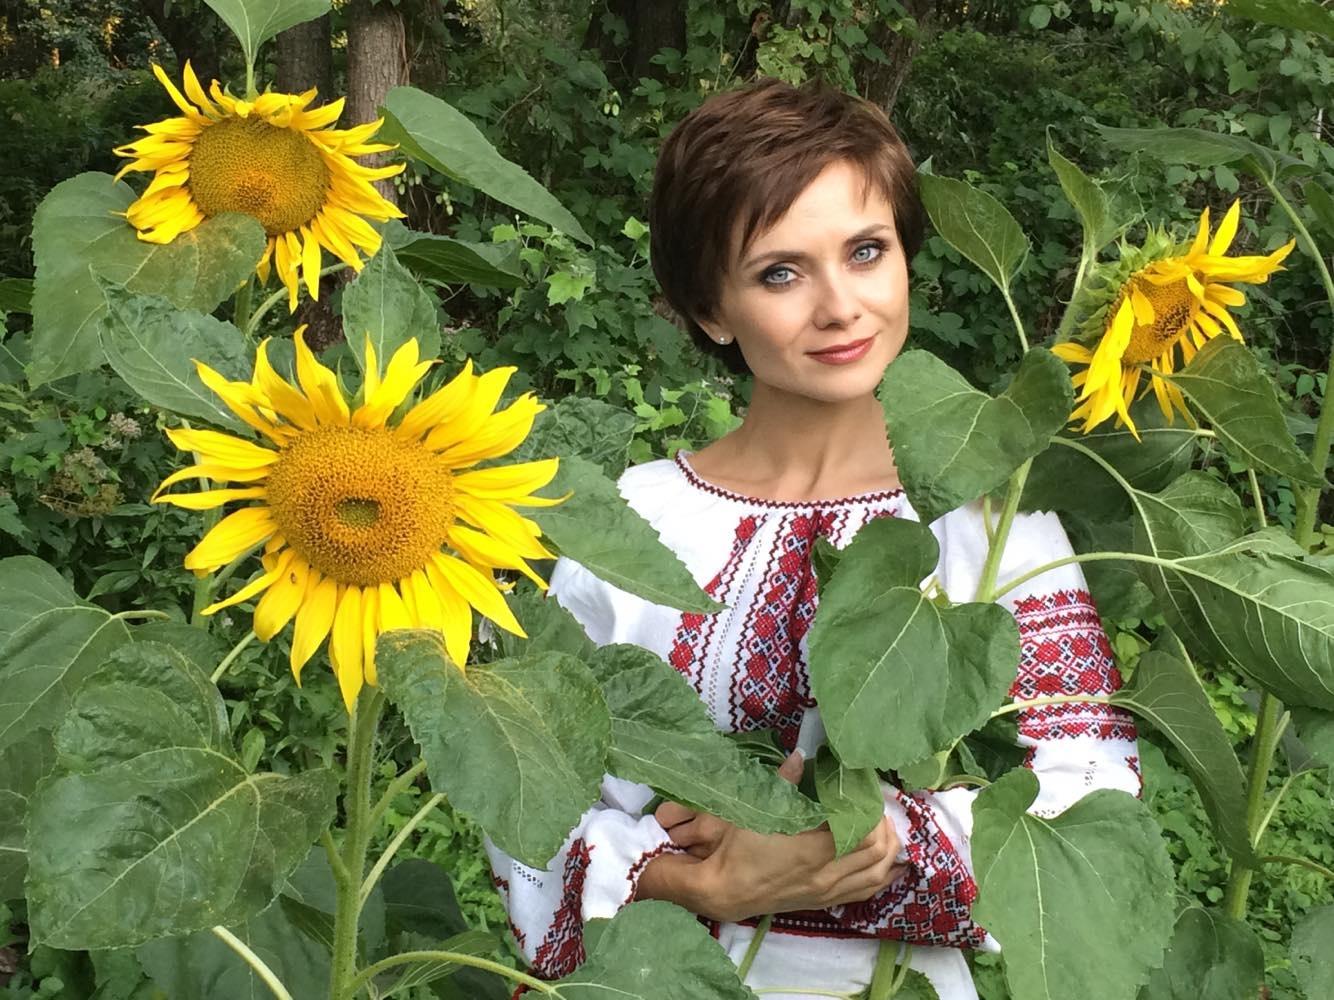 den-vyshivanki-2018-ukrainskie-zvezdy-rasskazali-o-simvole-nacii_11